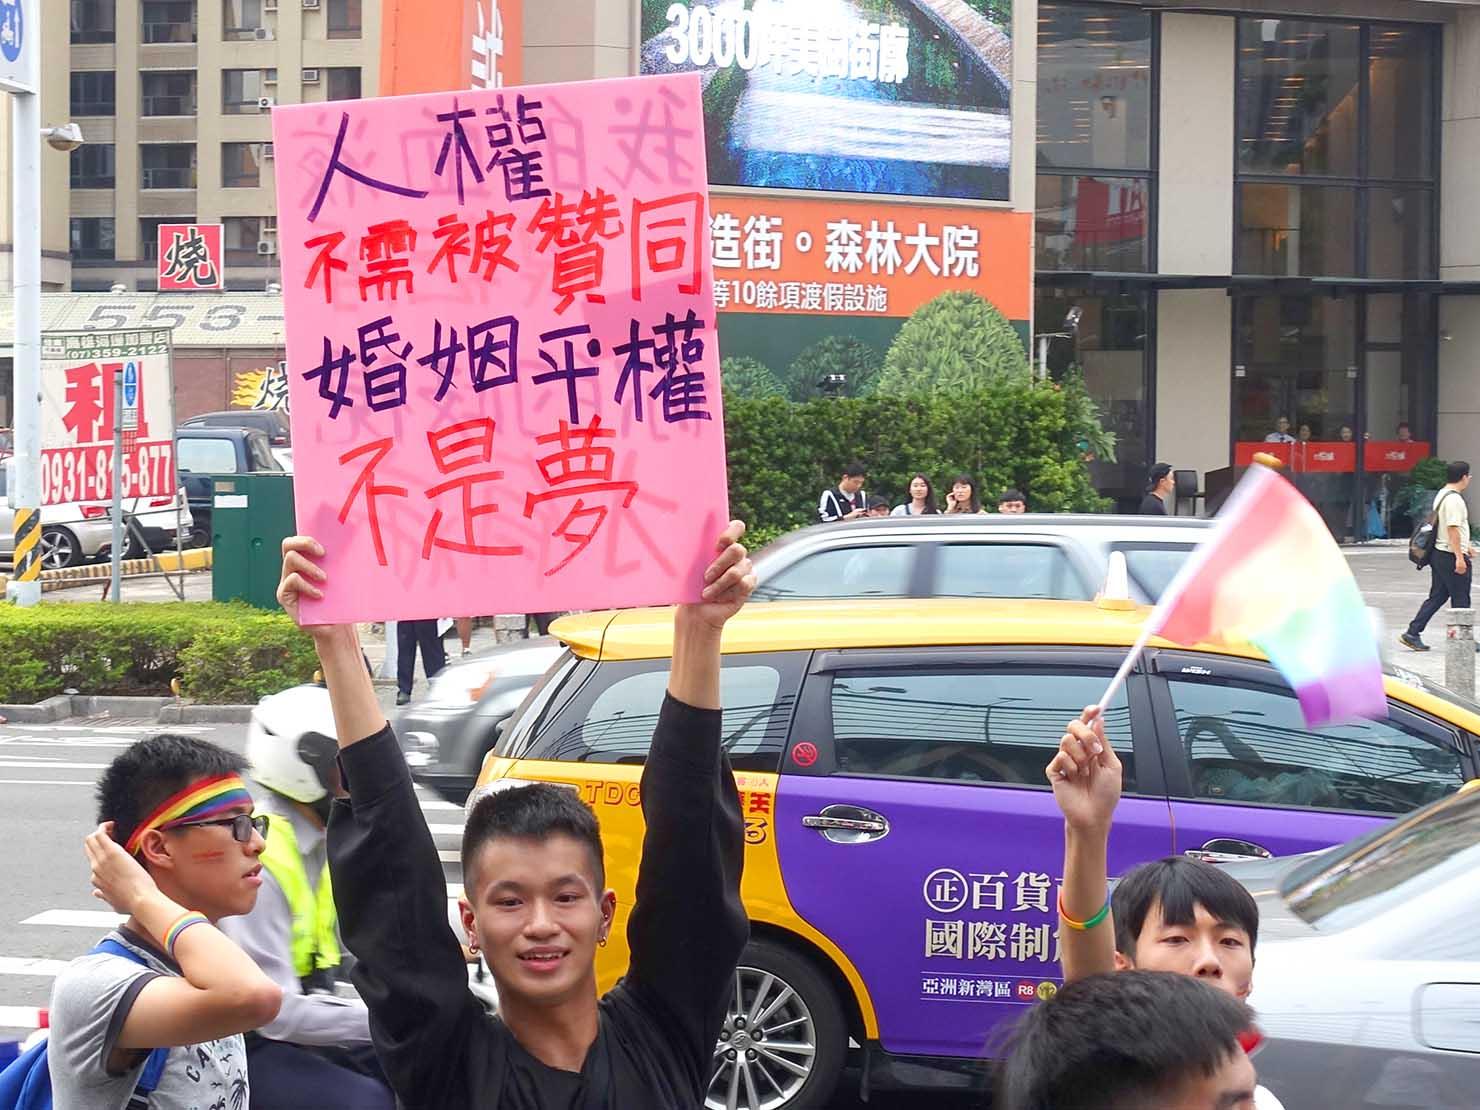 高雄同志大遊行(高雄プライド)2018パレードで掲げられたプラカード2